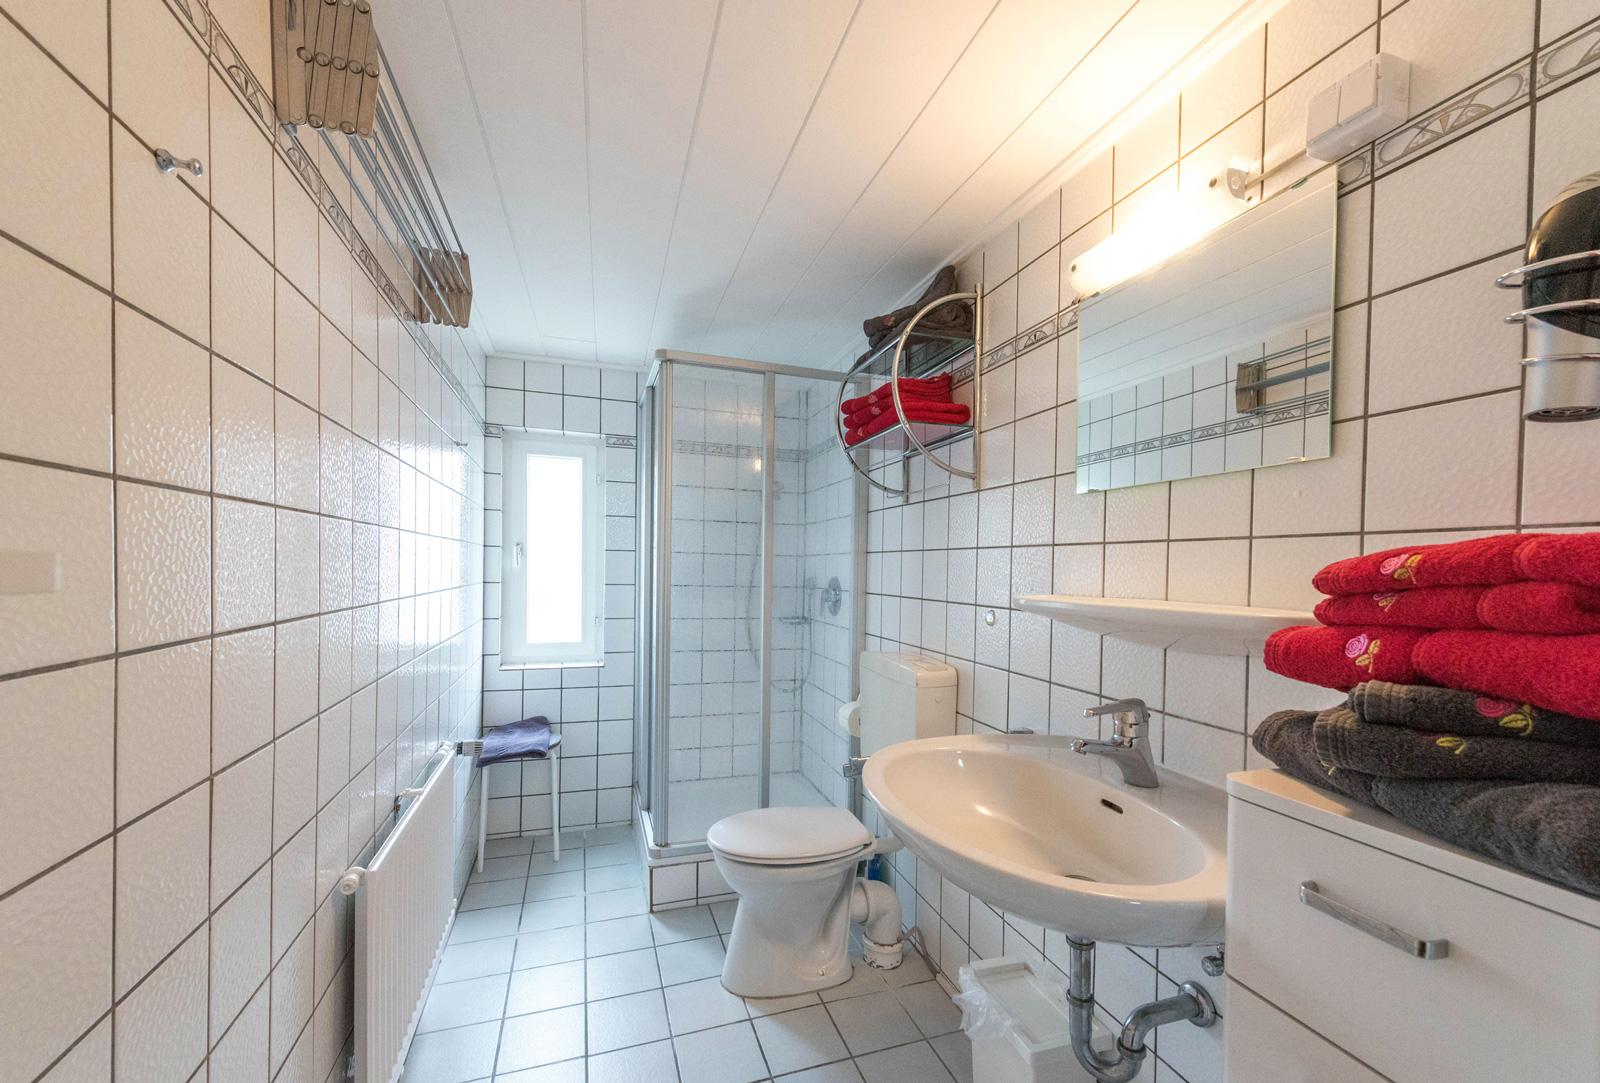 ferienwohnung 2 badezimmer | vitaplaza, Badezimmer ideen